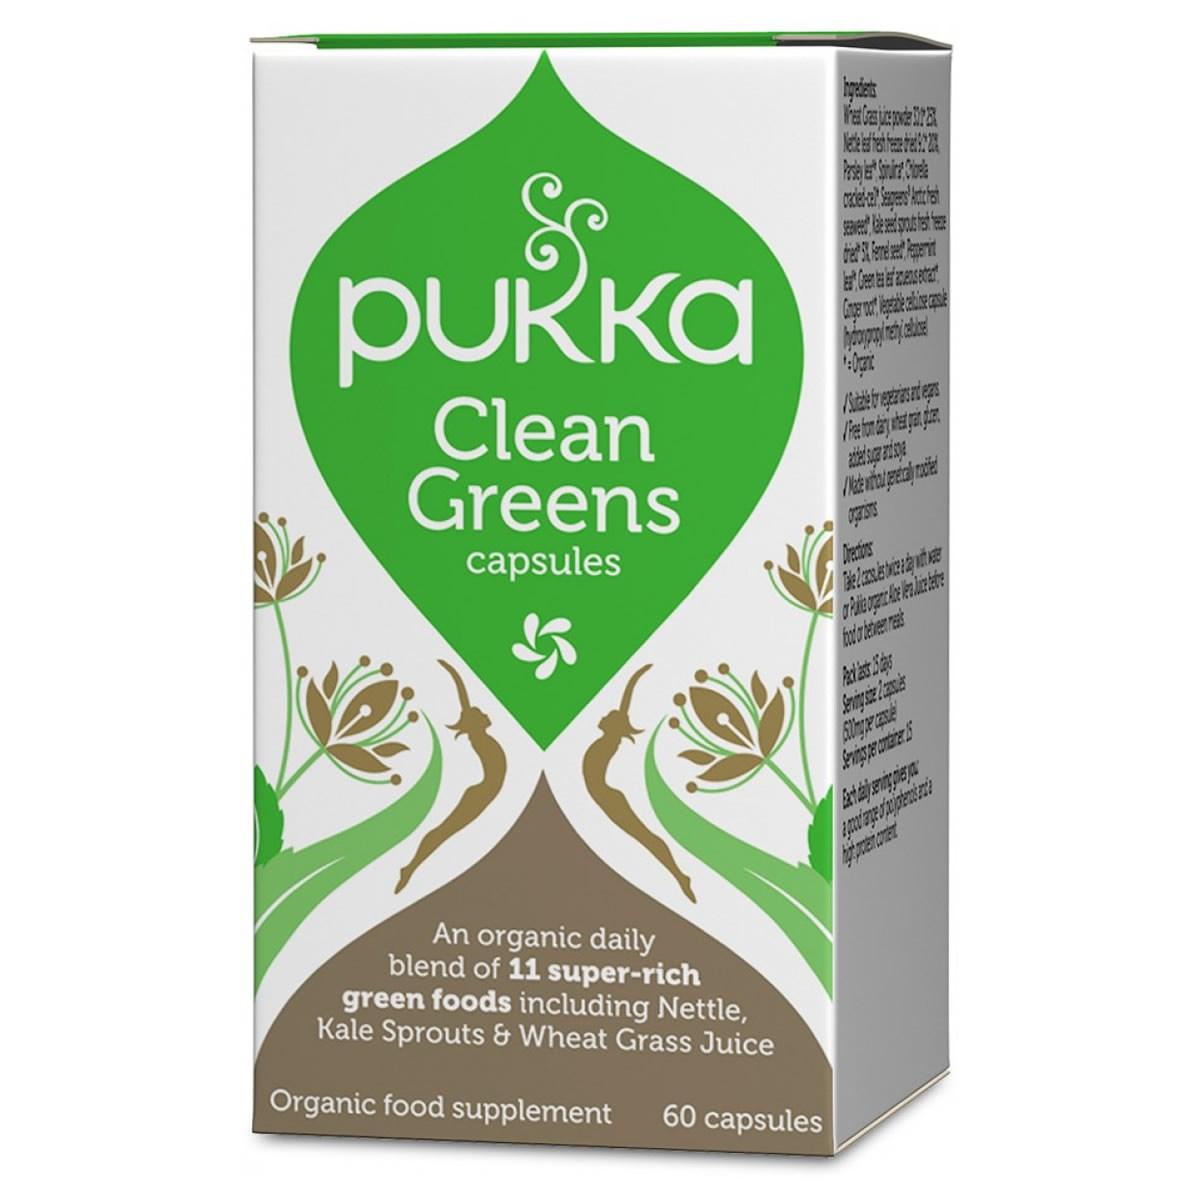 Pukka Clean Greens Capsules